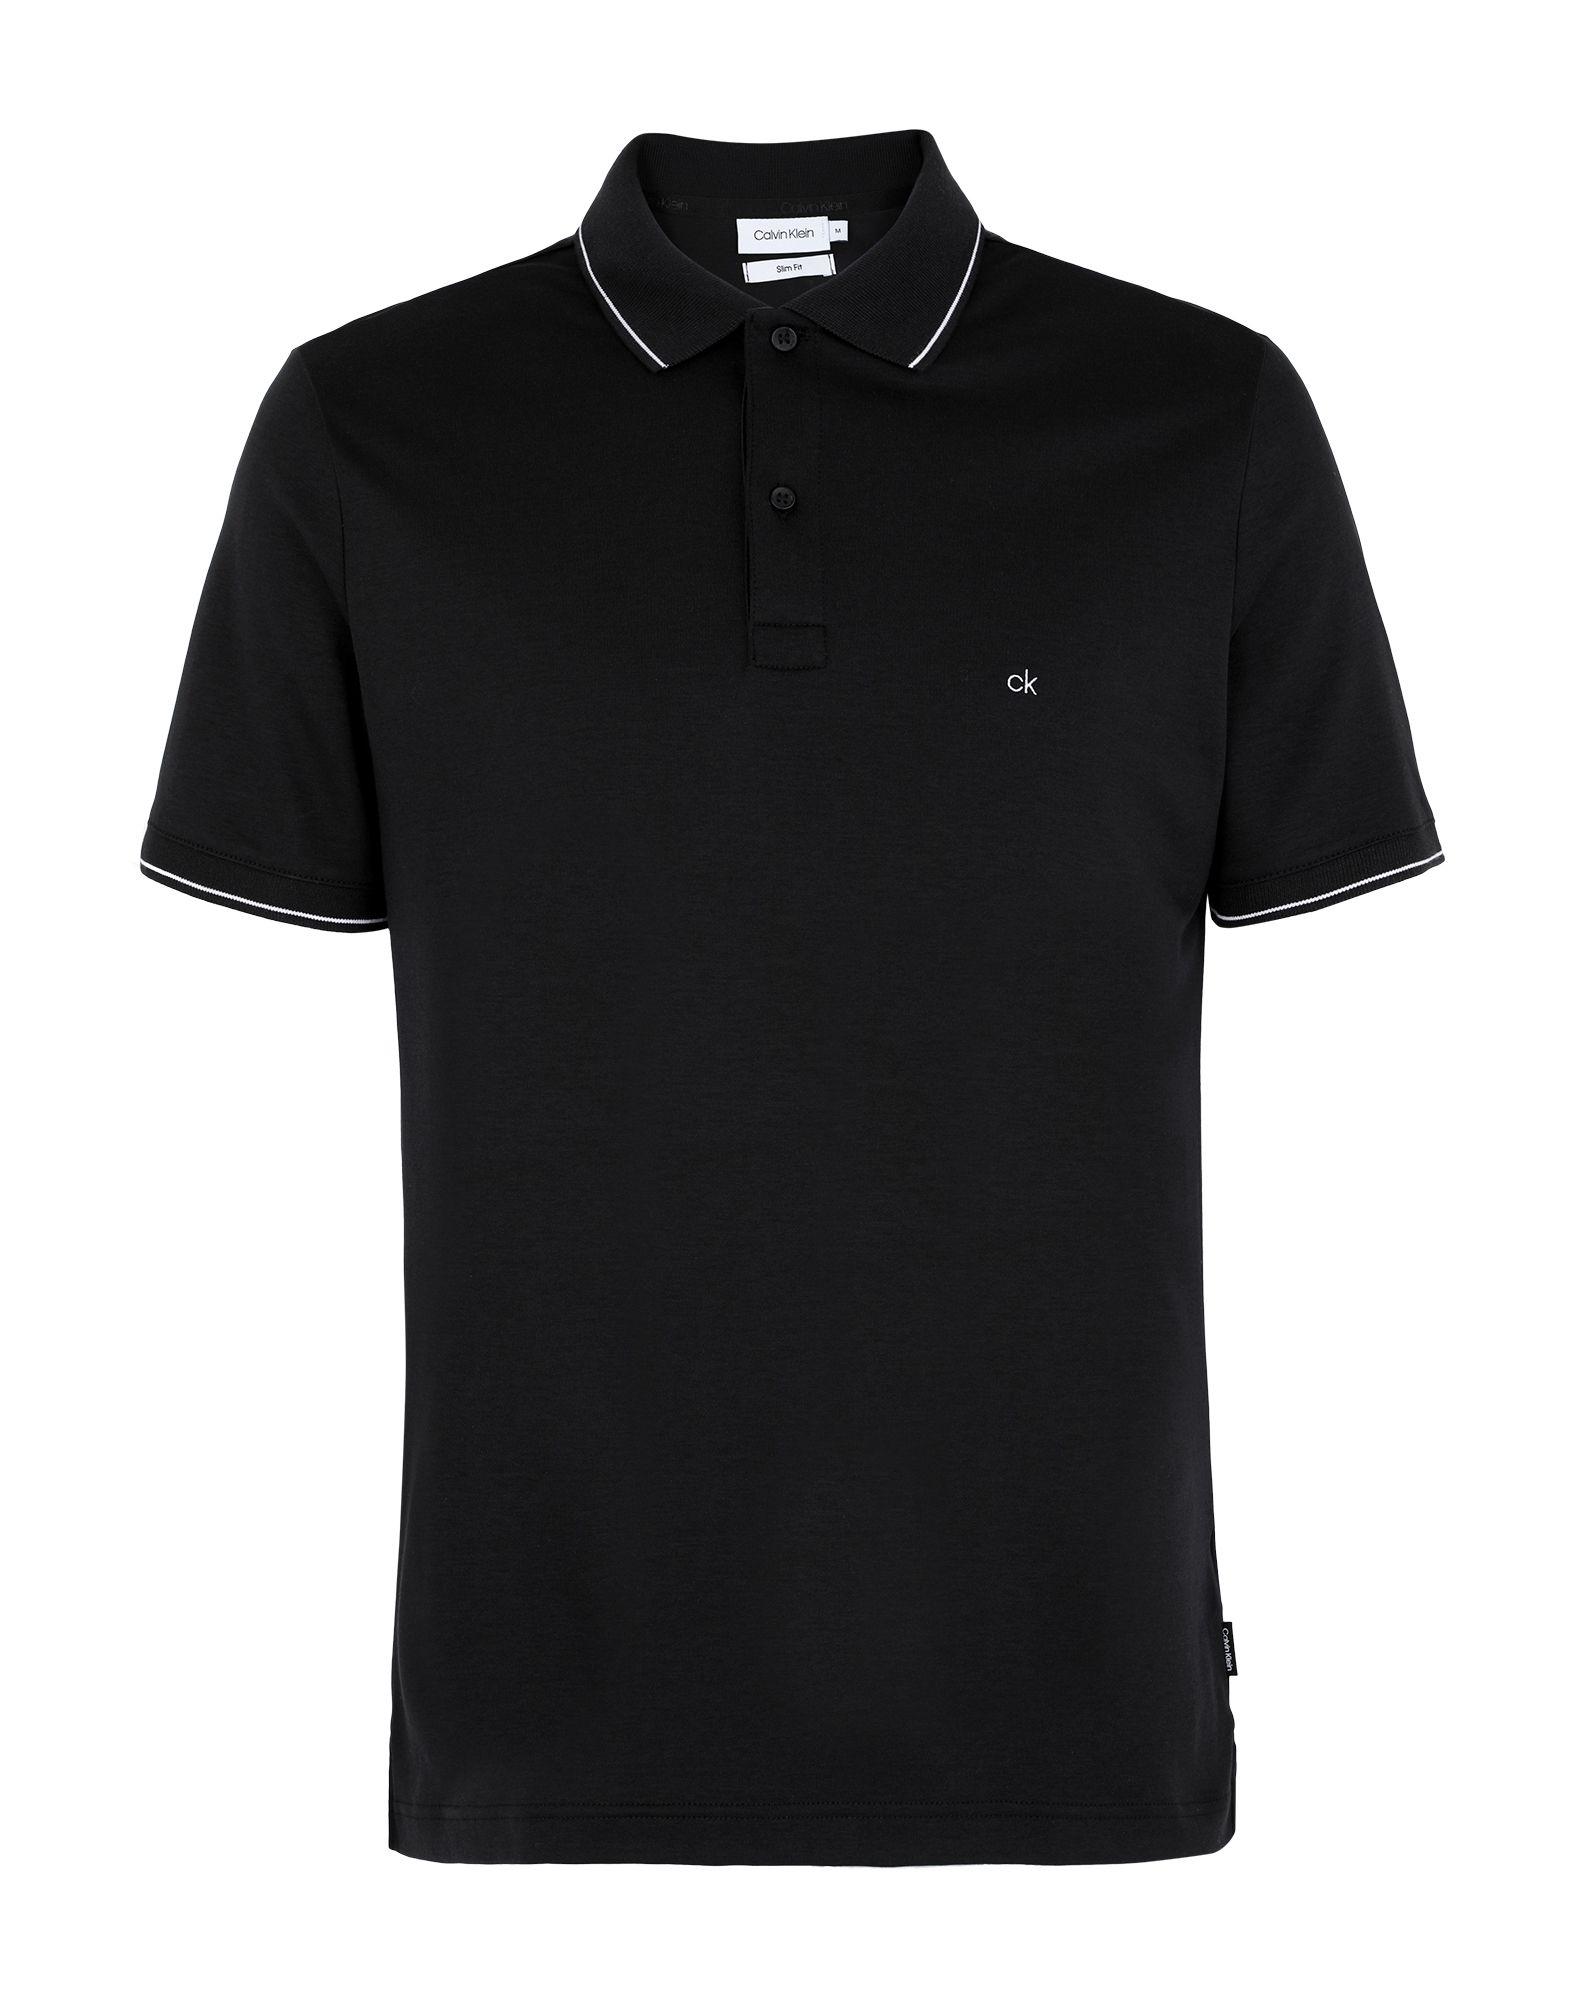 《セール開催中》CALVIN KLEIN メンズ ポロシャツ ブラック S コットン BCI 100% SOFT INTERLOCK TIP